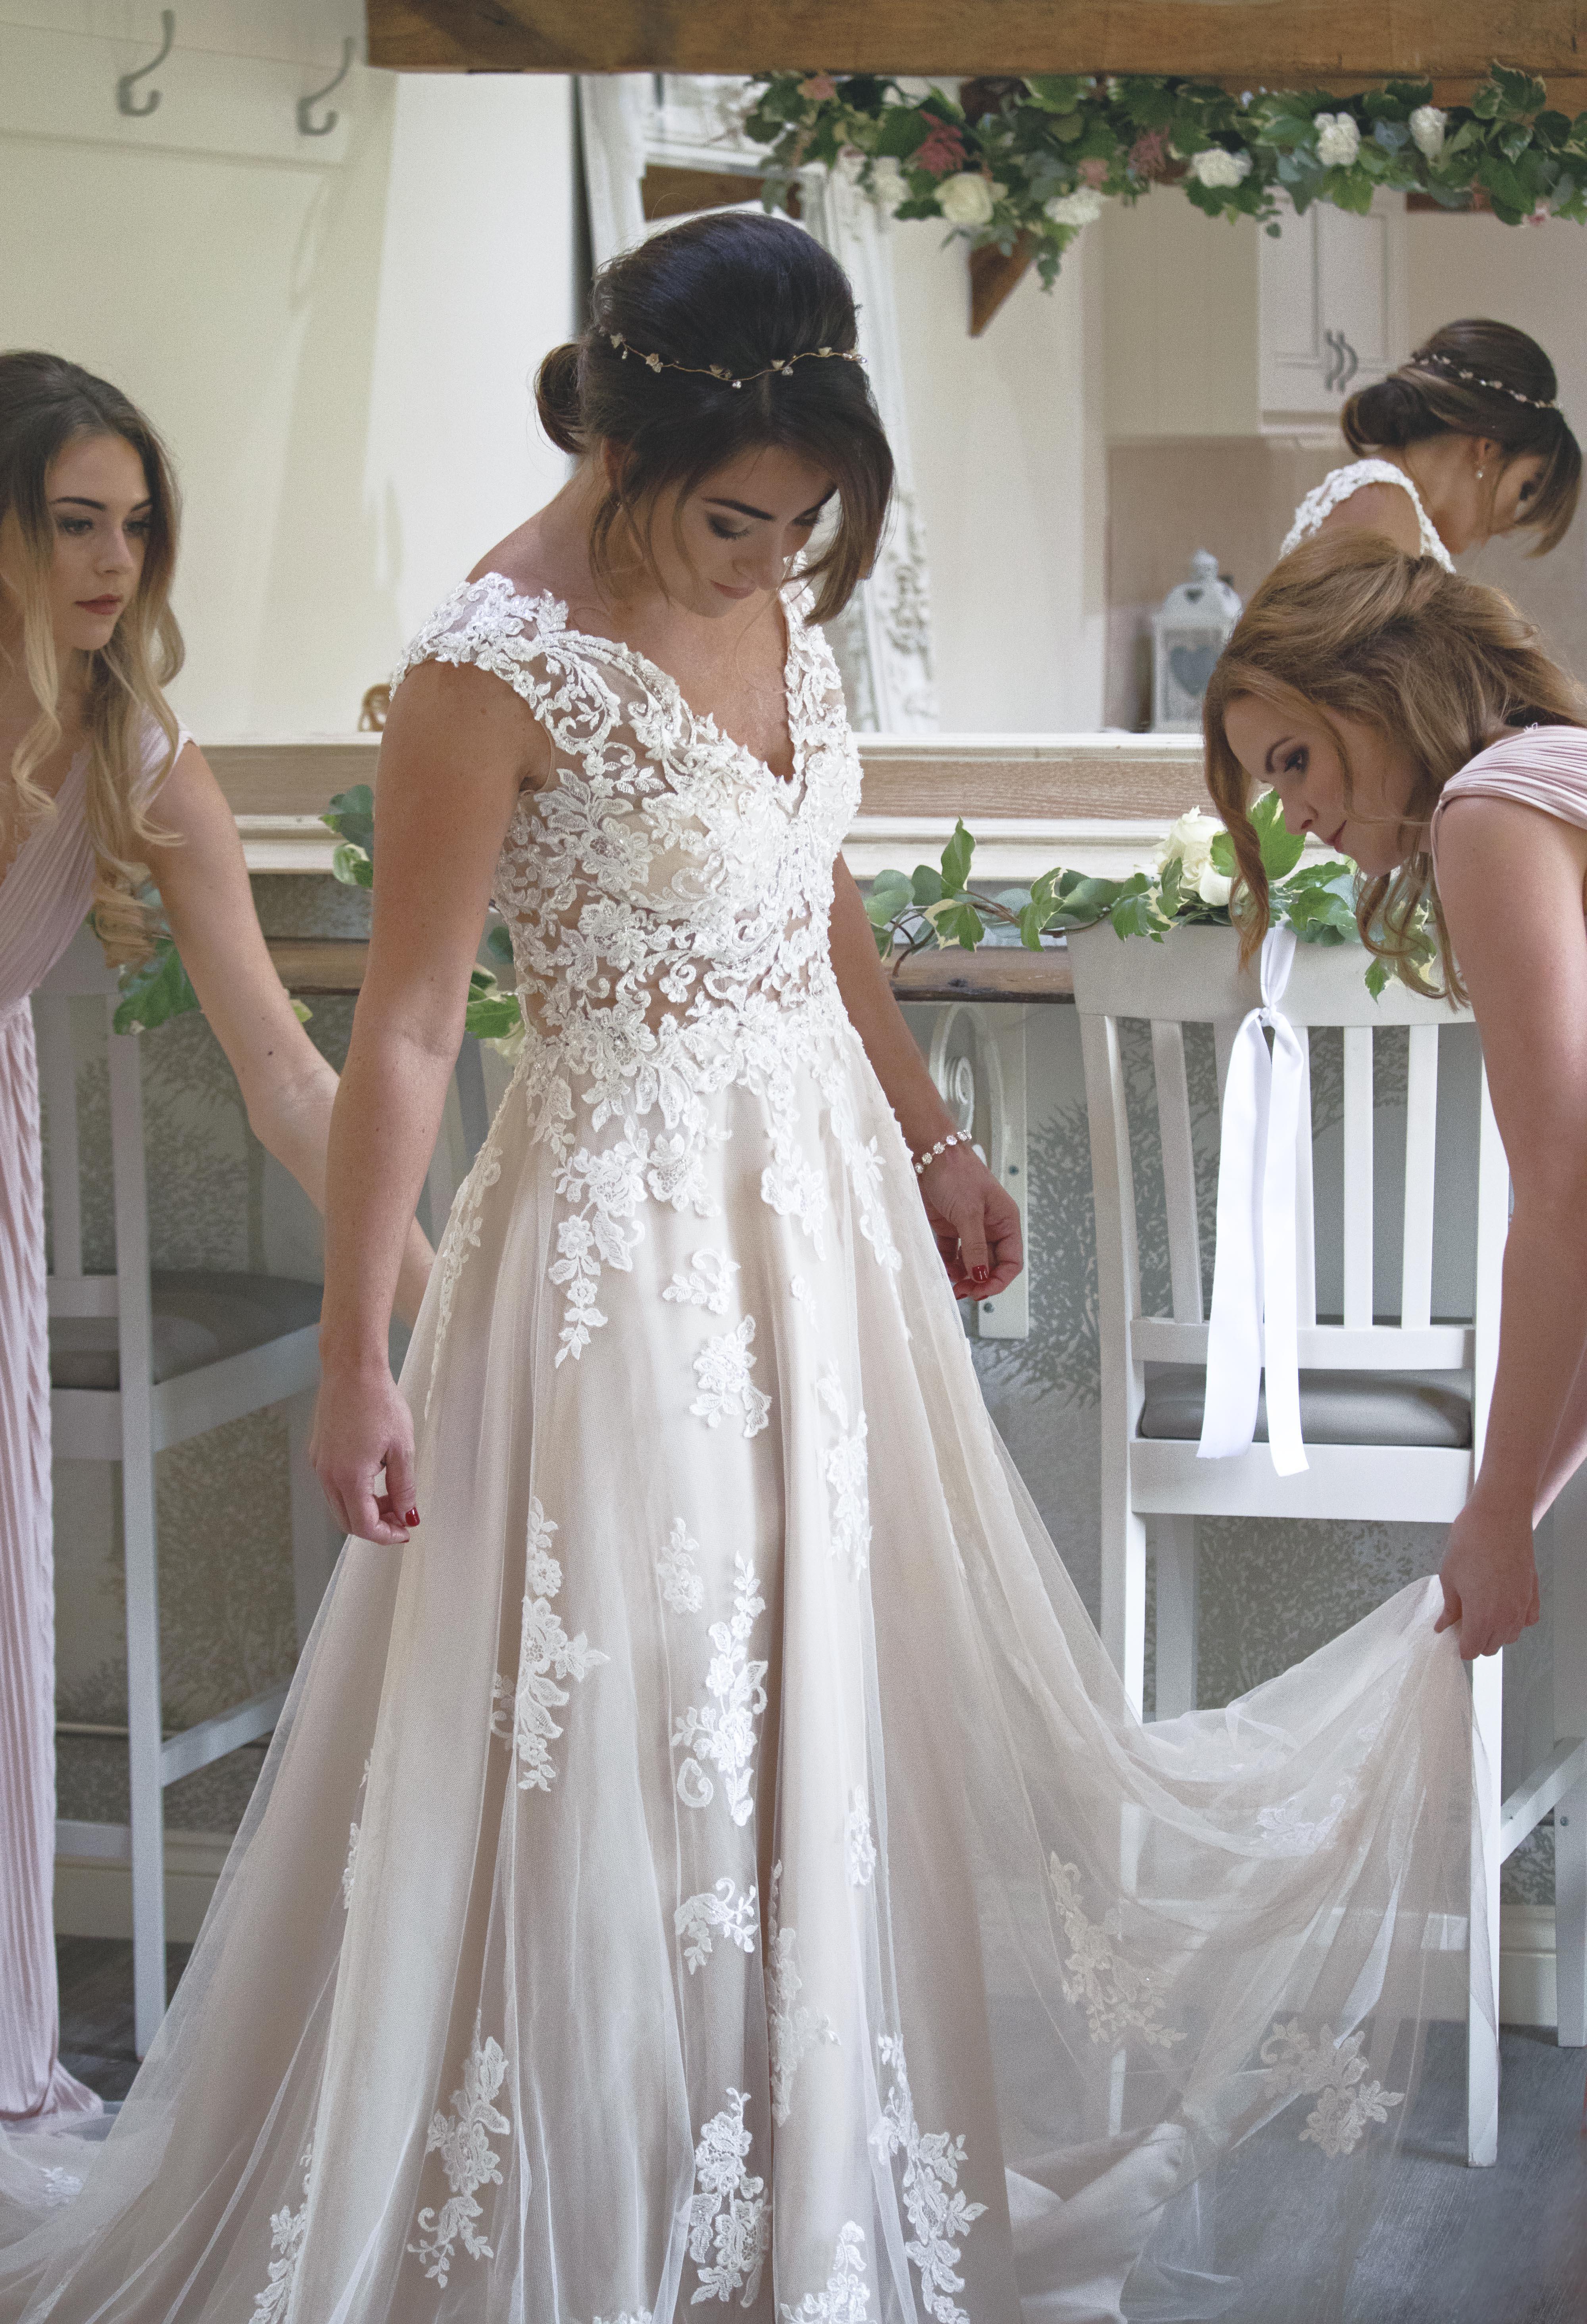 Bride Steps into Dress